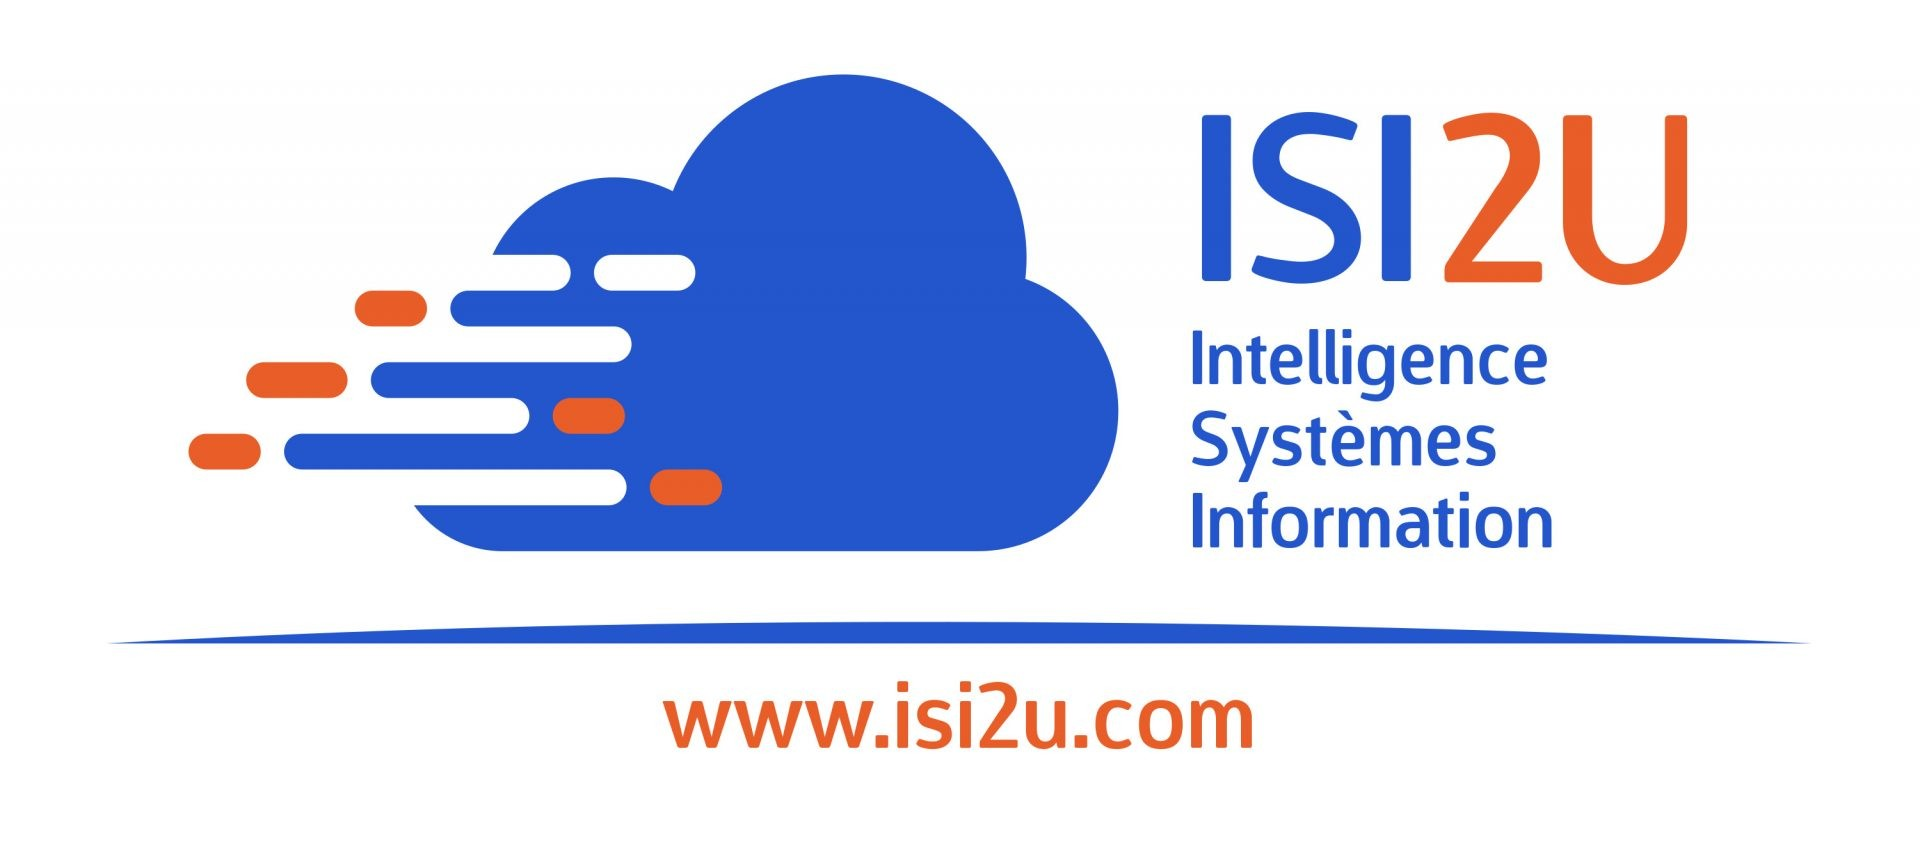 isi2u logo print hd